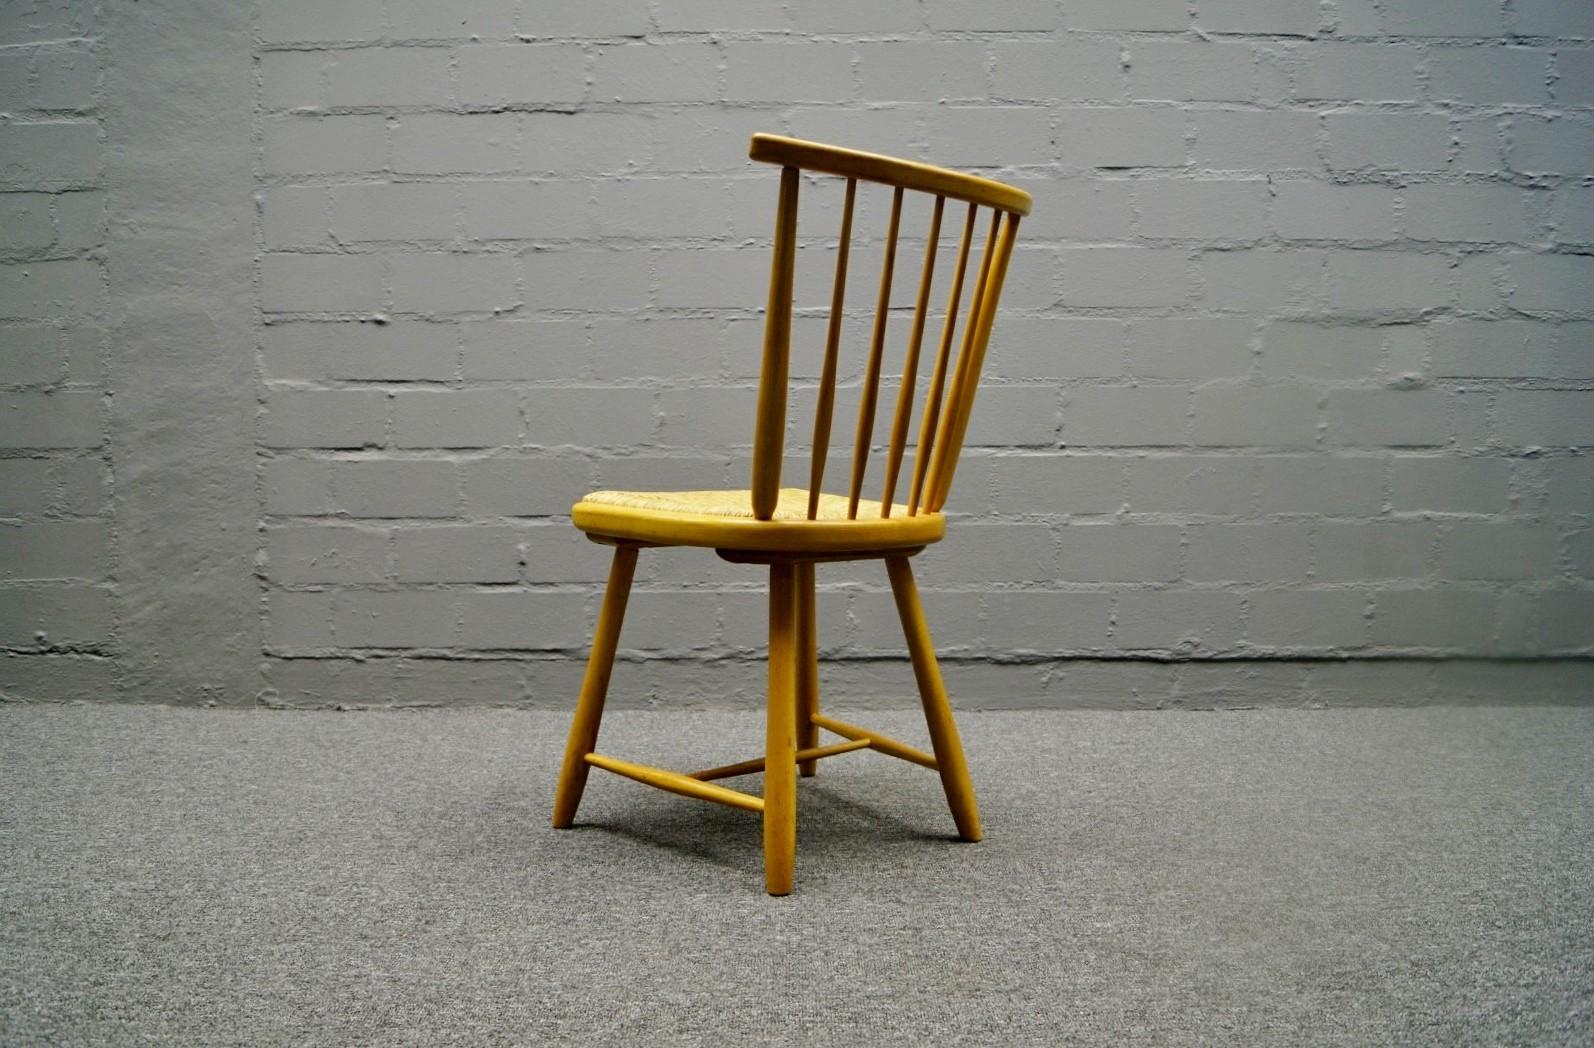 arno lambrecht stuhl wk sozialwerk m bel 60er 3 von 3 ebay. Black Bedroom Furniture Sets. Home Design Ideas